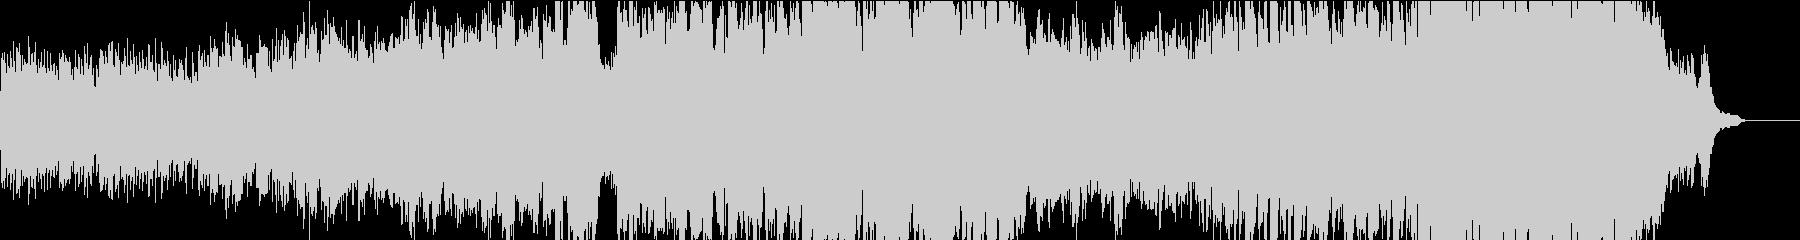 ハリウッド風ピアノ+オケ2打楽器抜きの未再生の波形